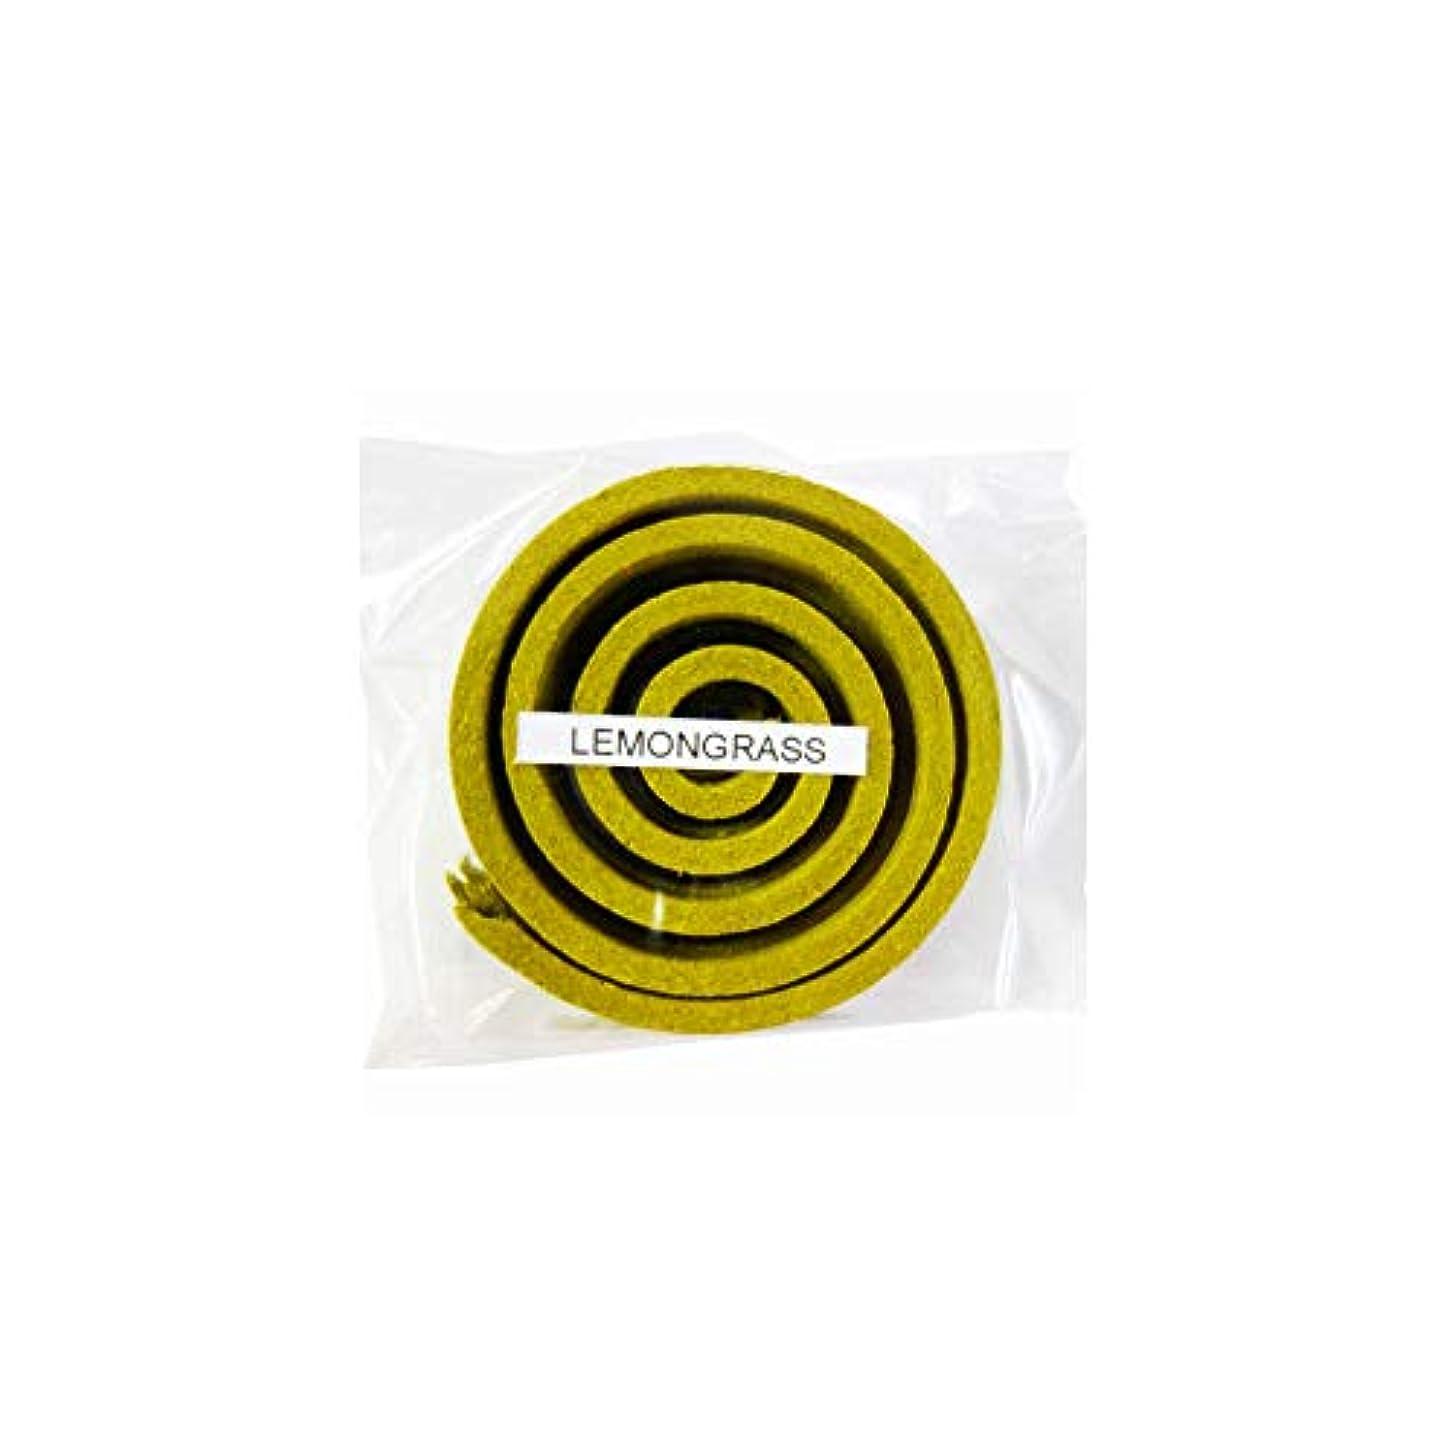 受粉者ハブ退化するお香/うずまき香 LEMMNGRASS レモングラス 直径5cm×5巻セット [並行輸入品]